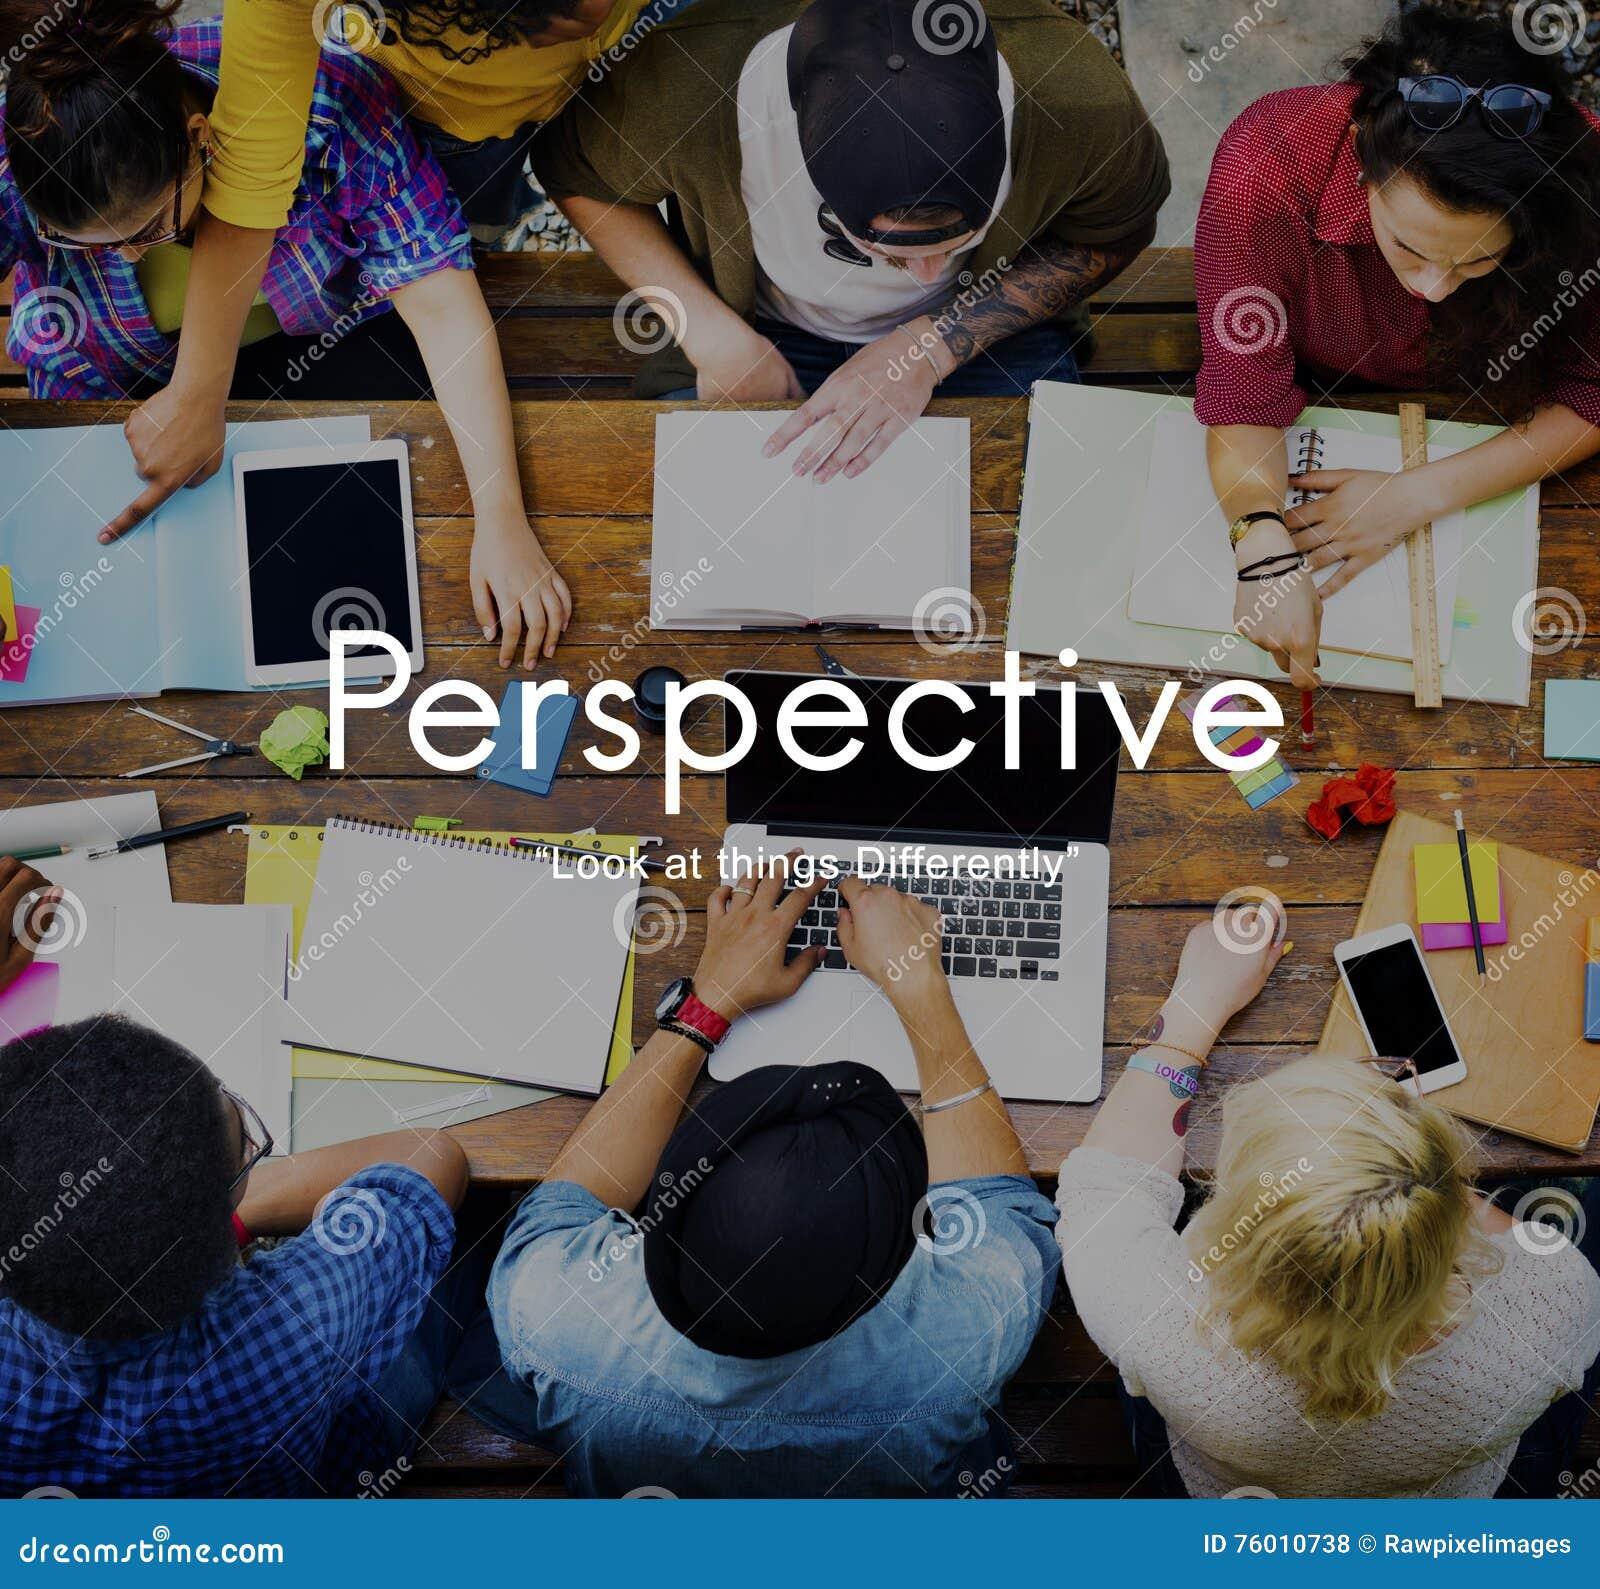 Perspektywiczny postawa punktu widzenia punktu widzenia punktu widzenia pojęcie